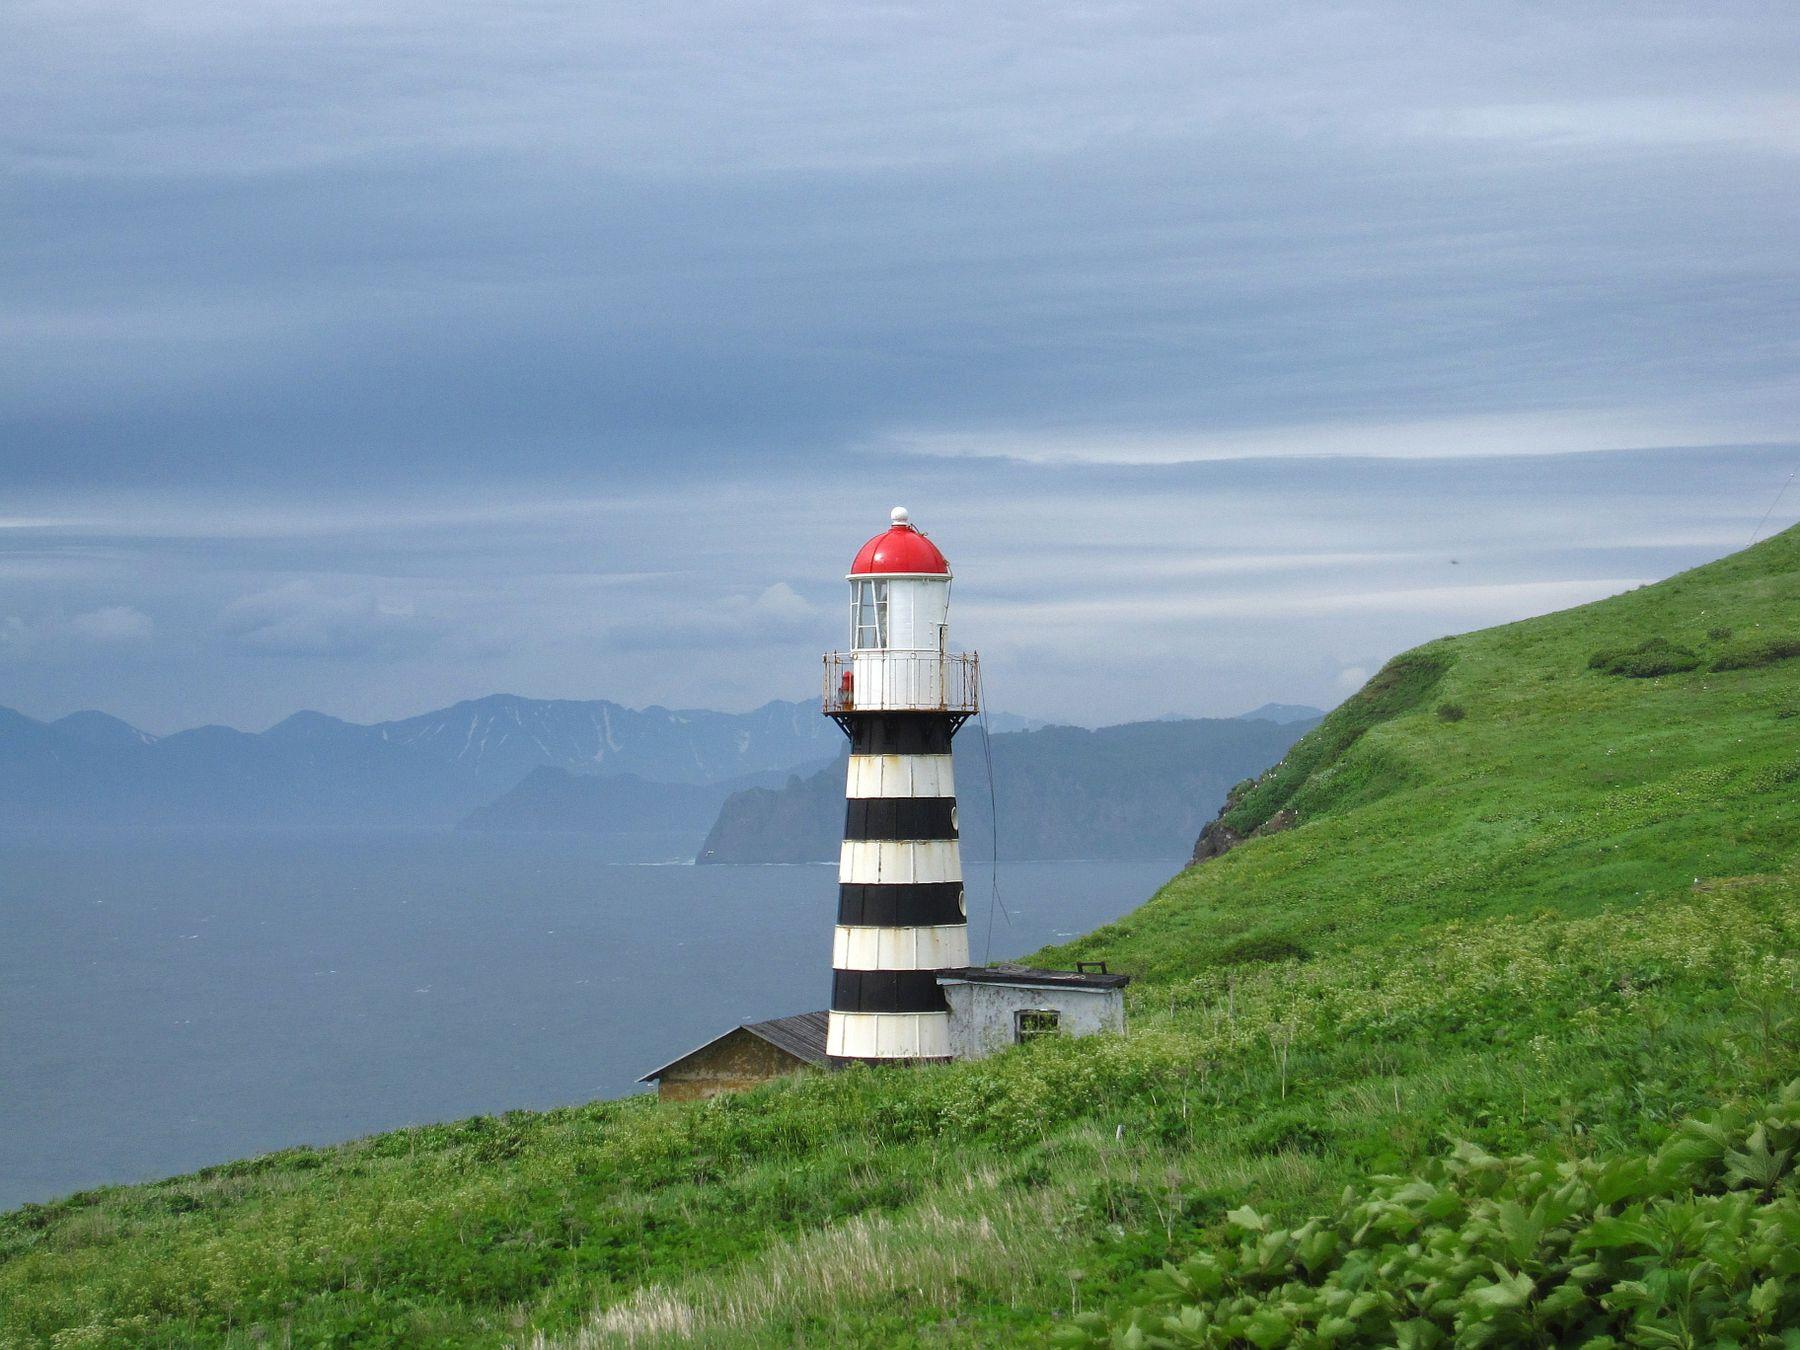 Петропавловский маяк на мысе Маячном, Камчатка. Камчатка озеро природа скалы